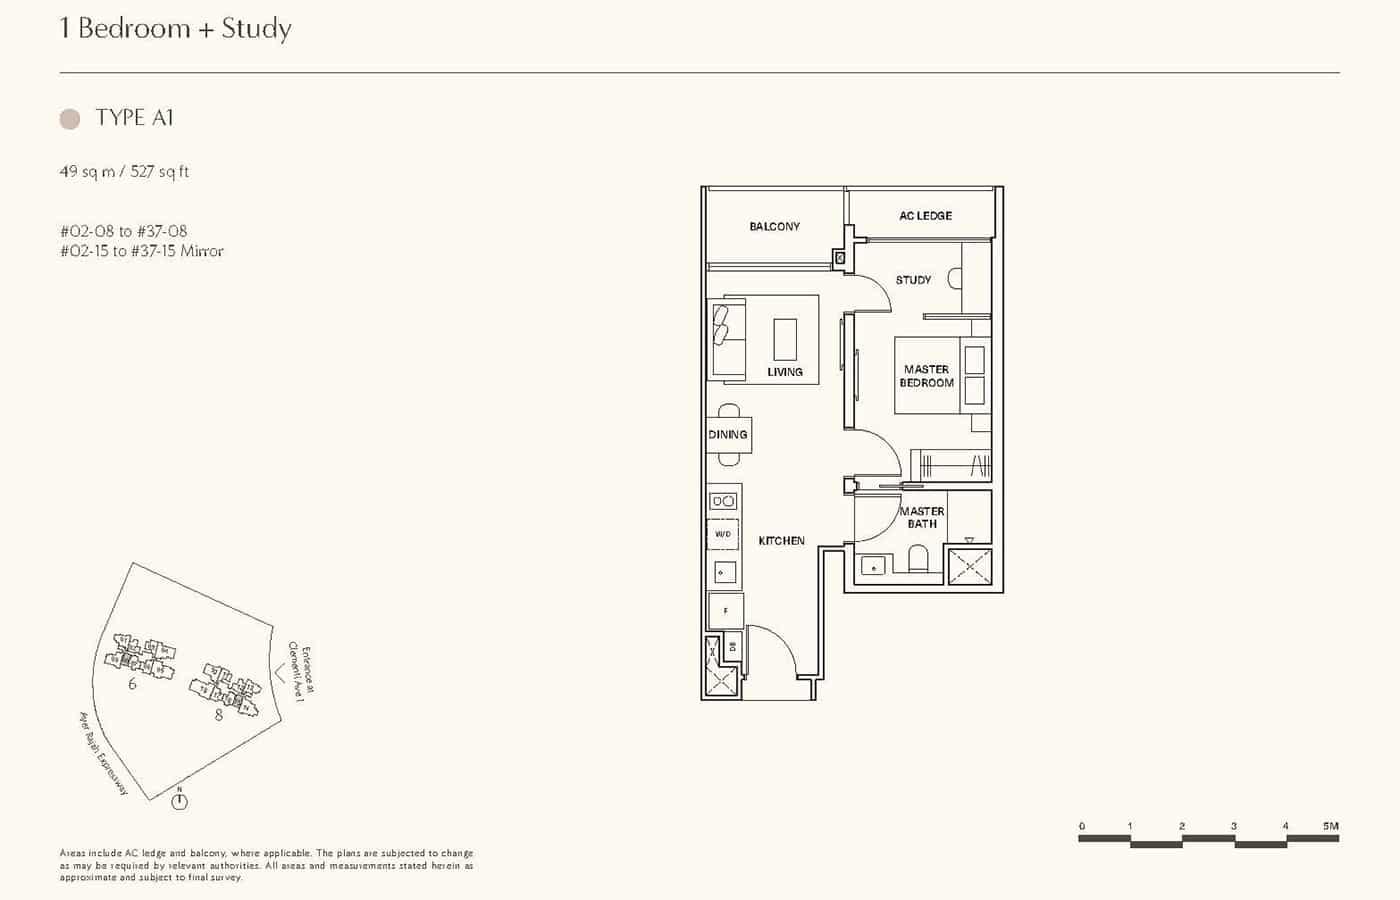 Clavon Condo Floor Plans - 1 Bedroom Study A1